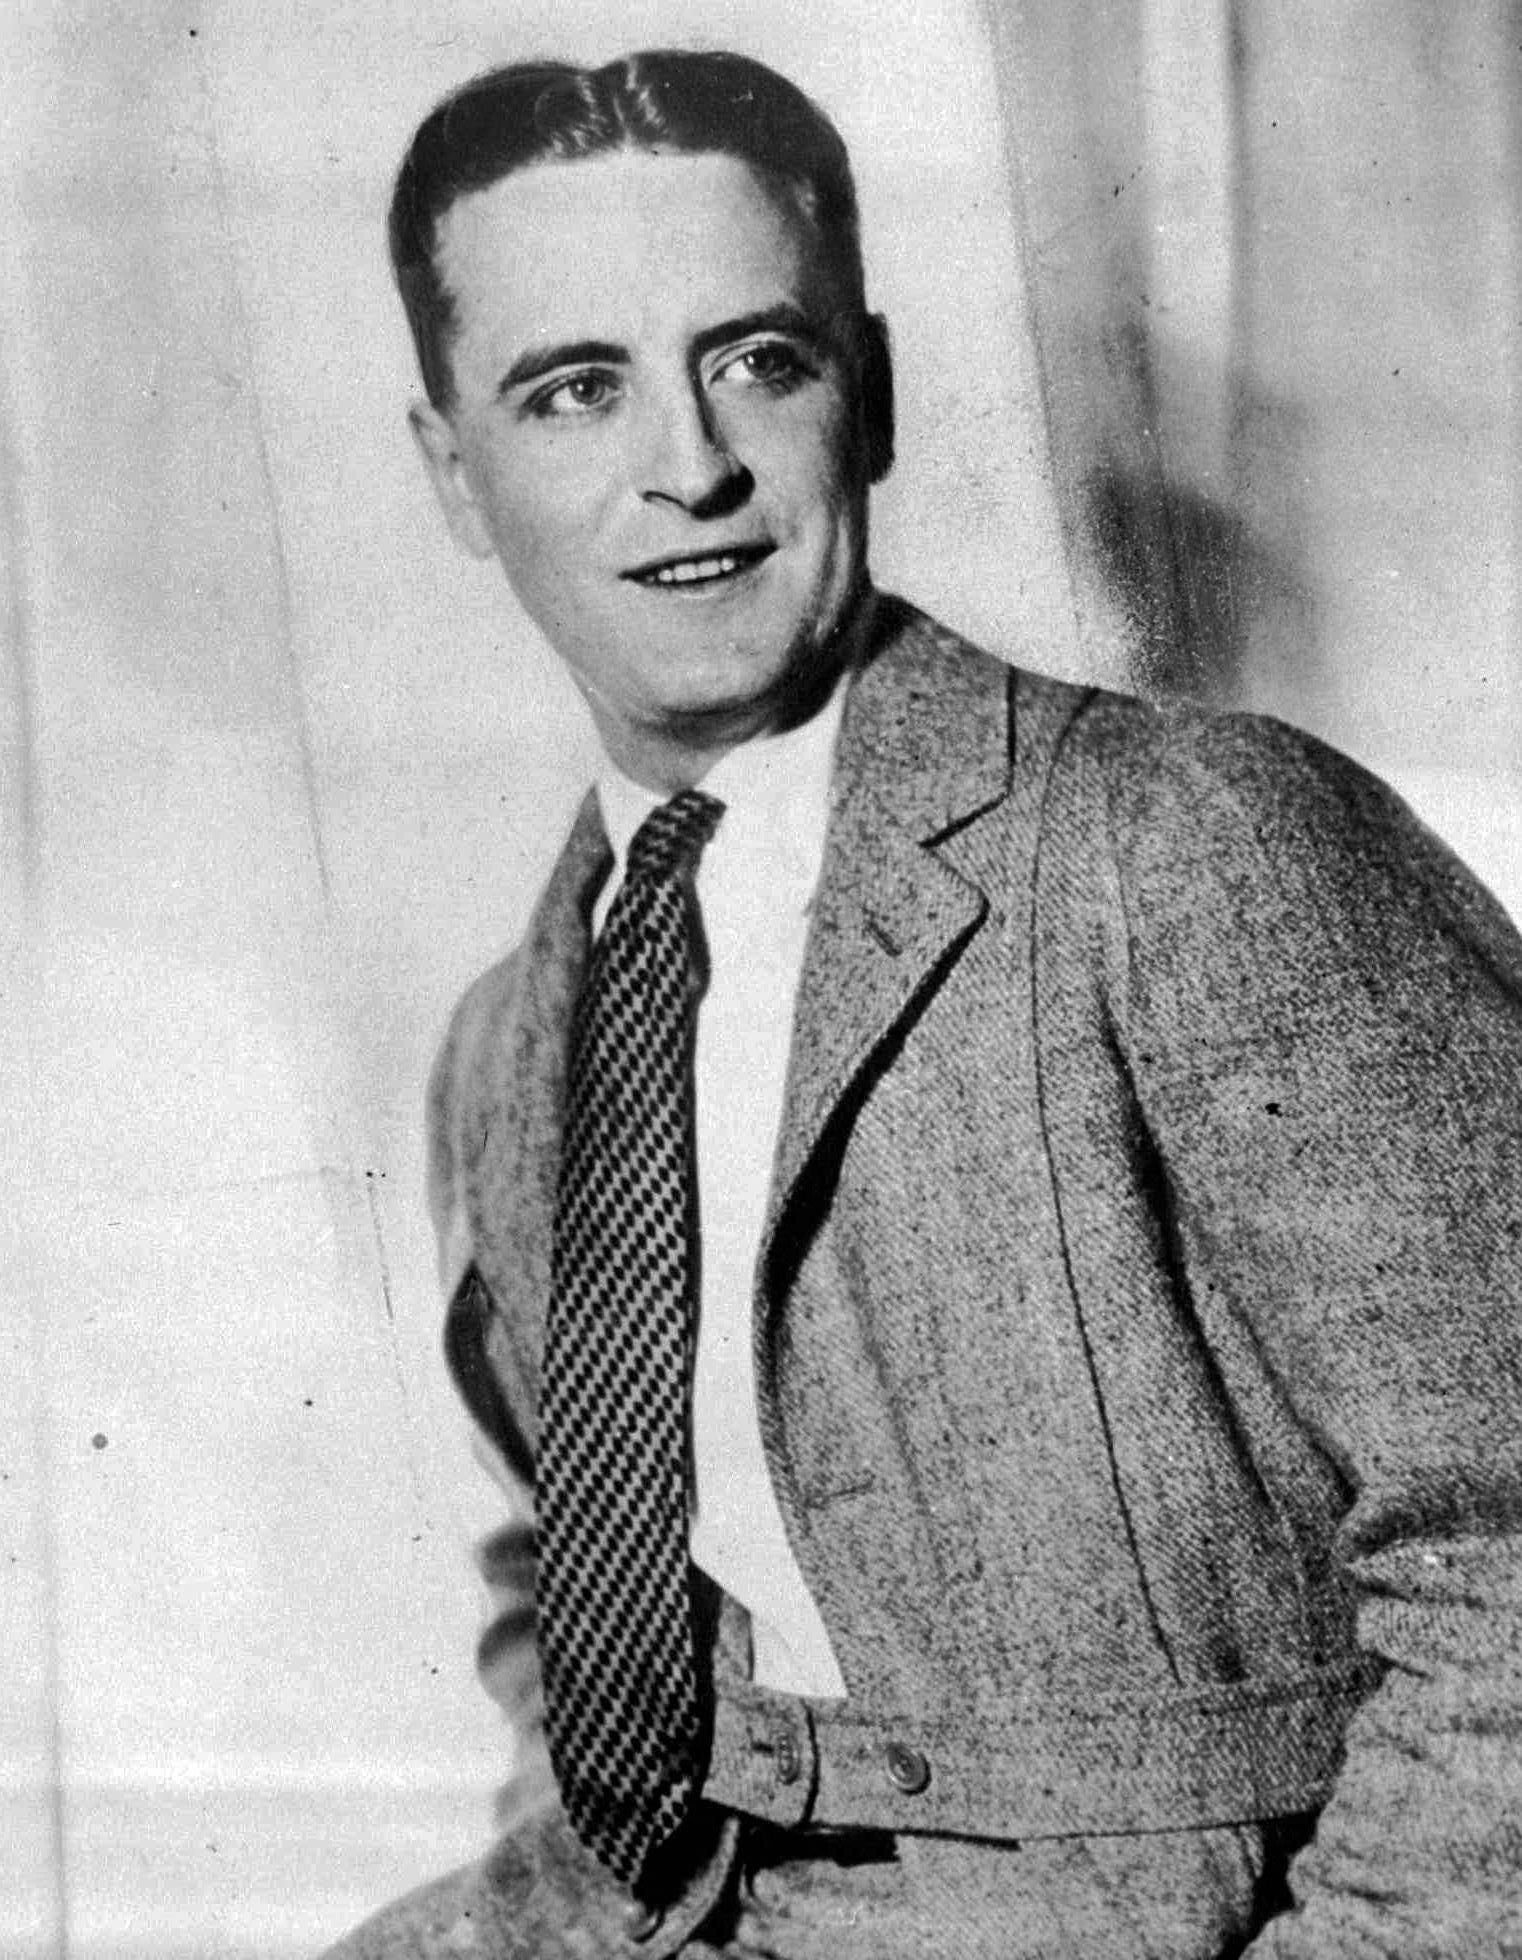 Fitzgerald, F Scott